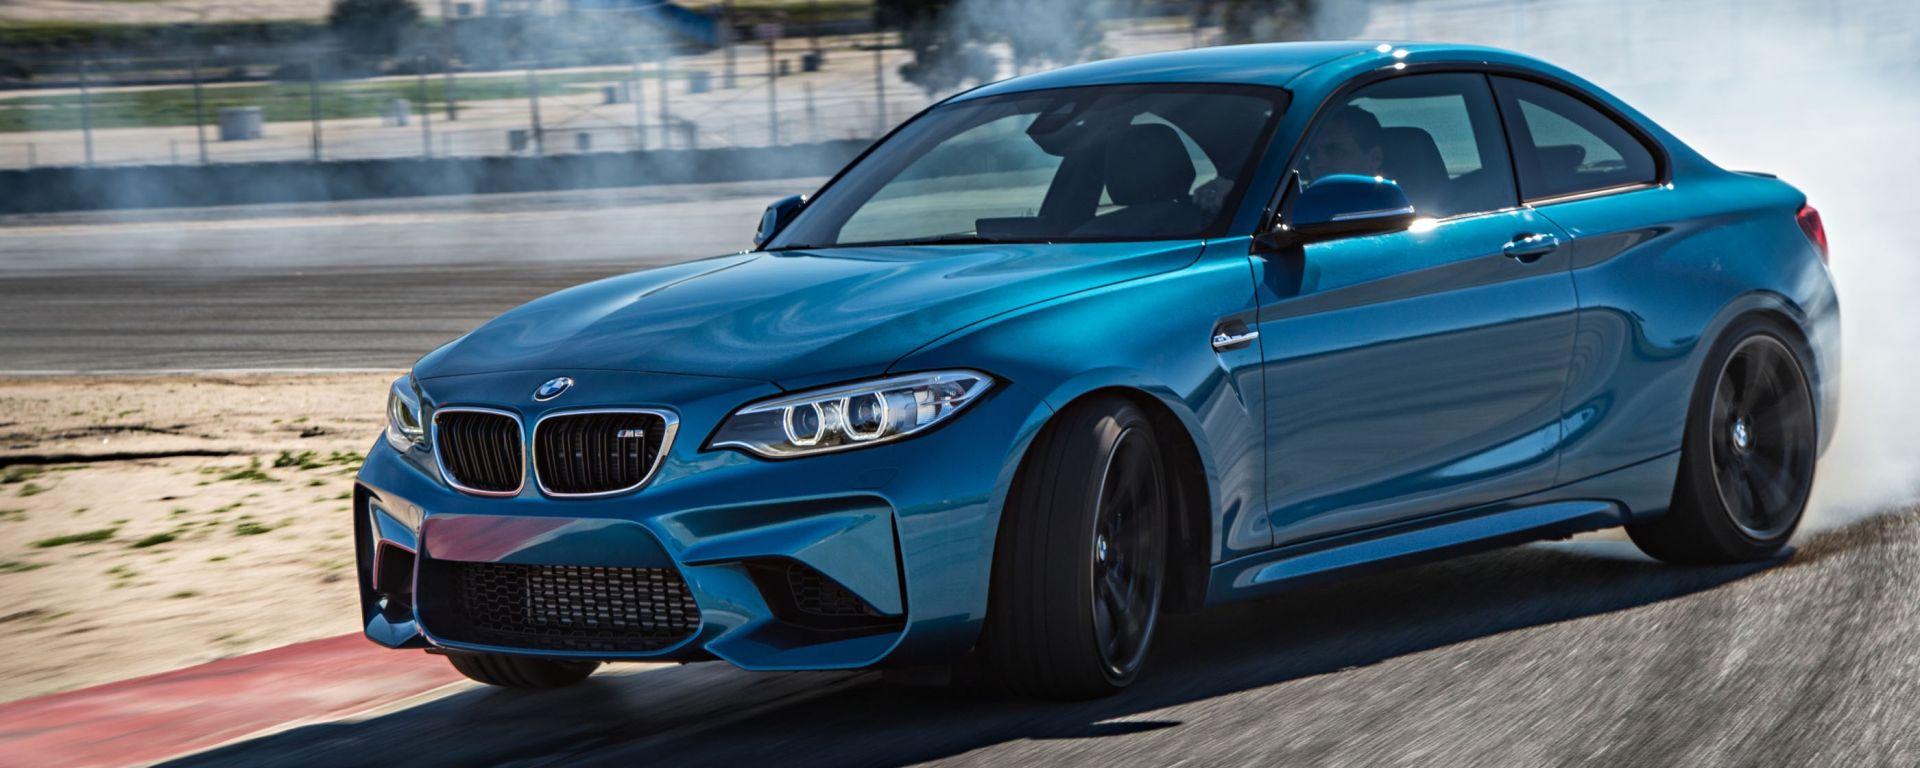 BMW M2 Coupé: prova in pista all'Hungaroring. Guarda il video.